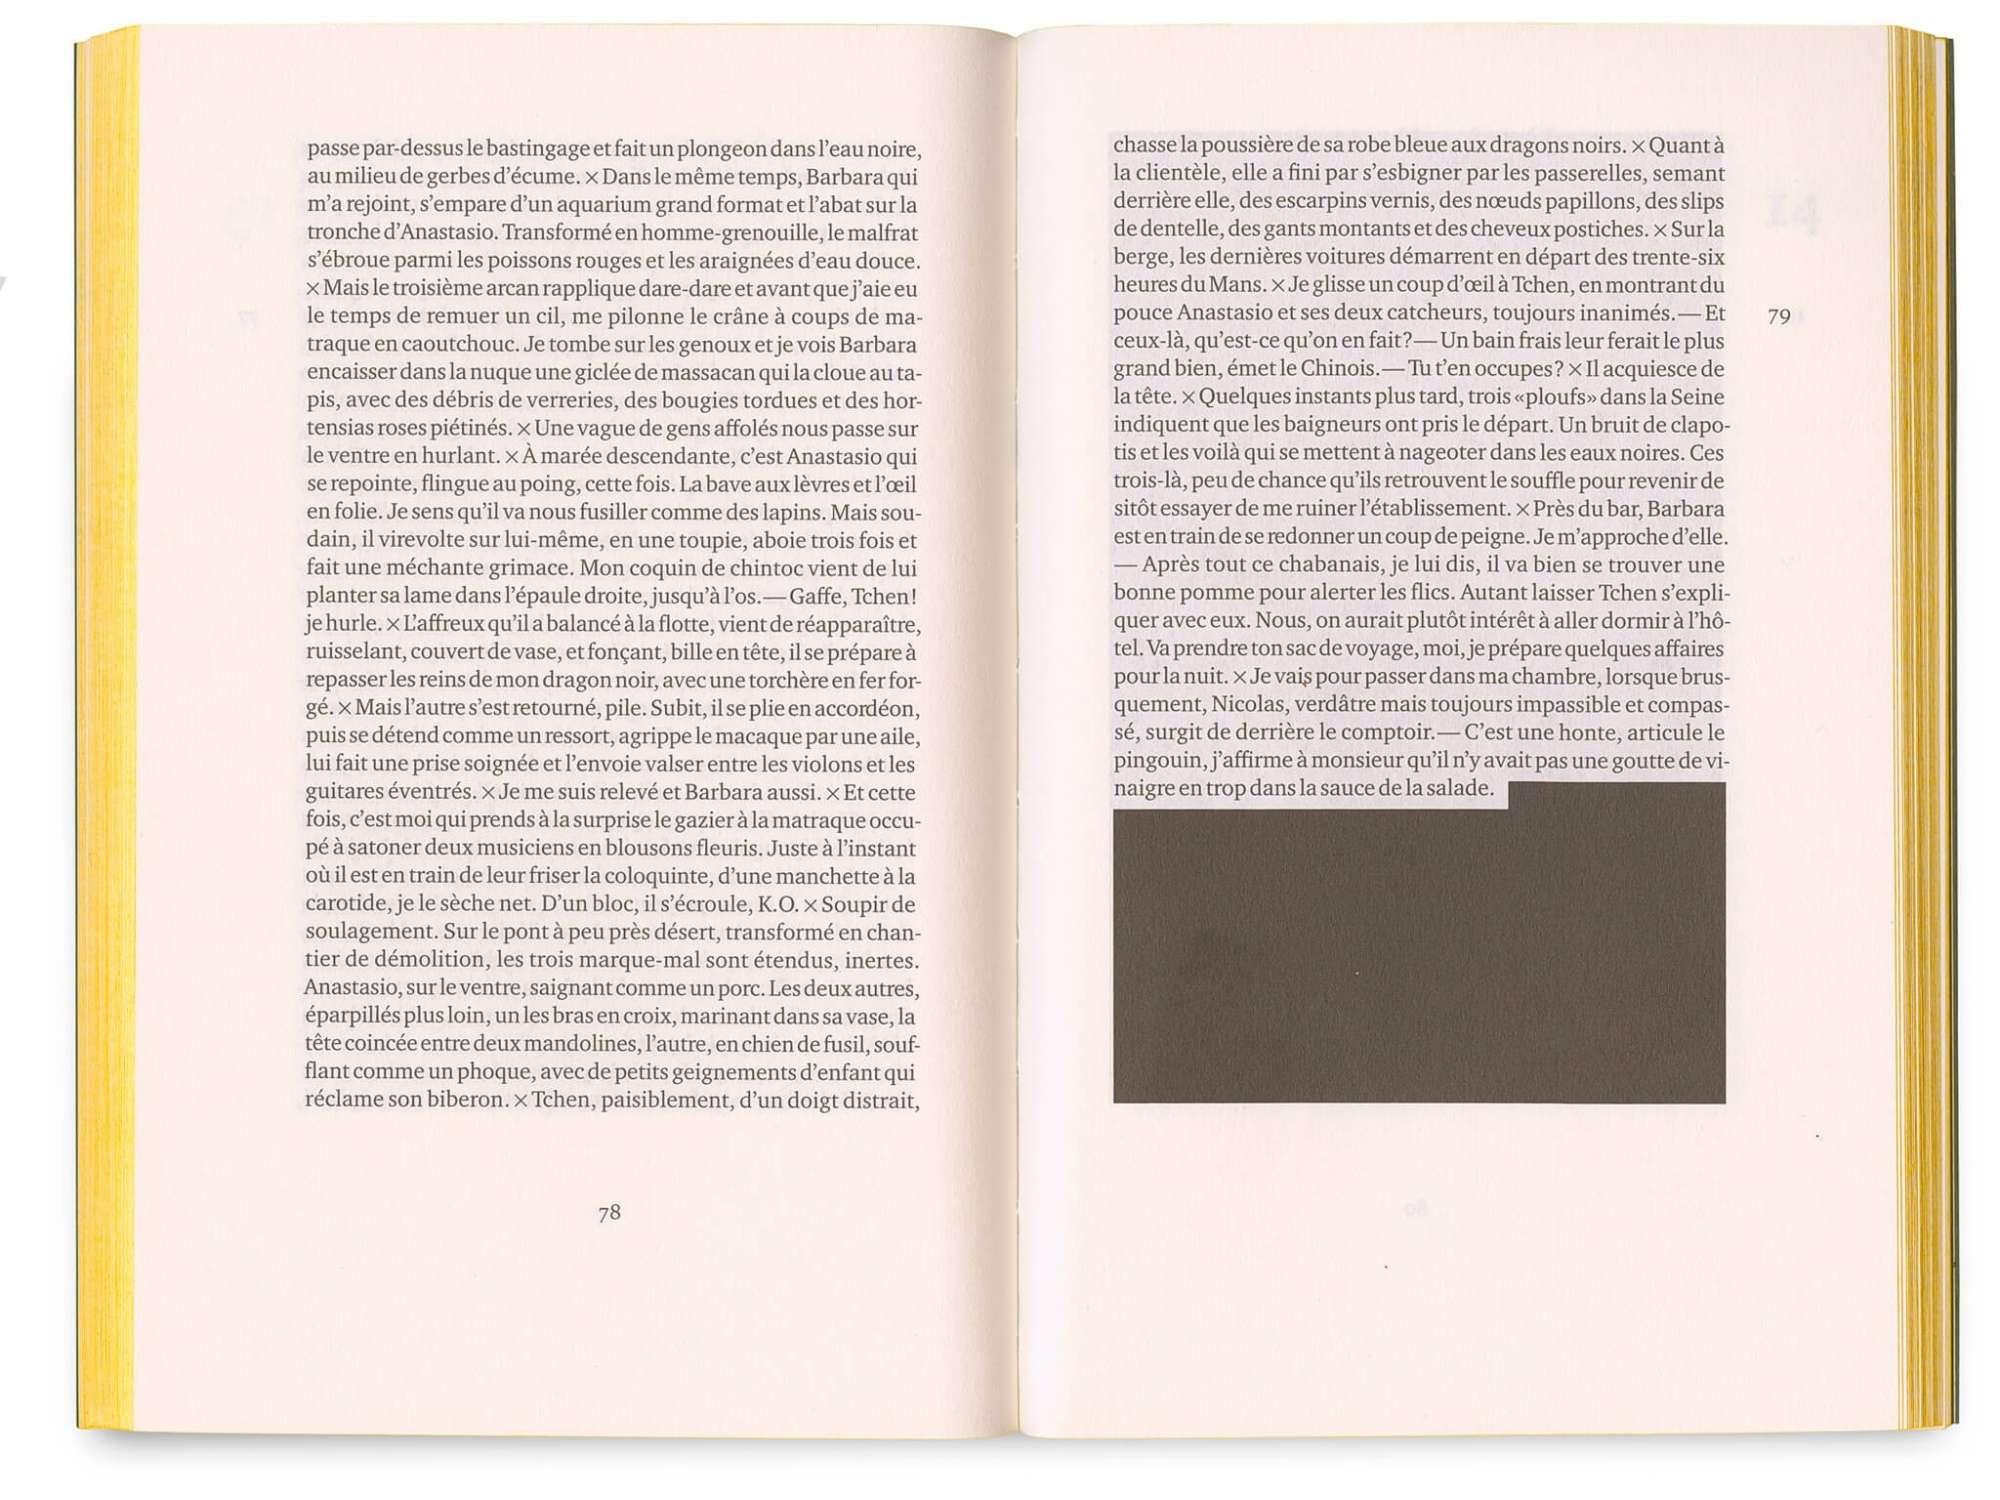 Les souris valseuses pages 78-79 mise en page spMillot